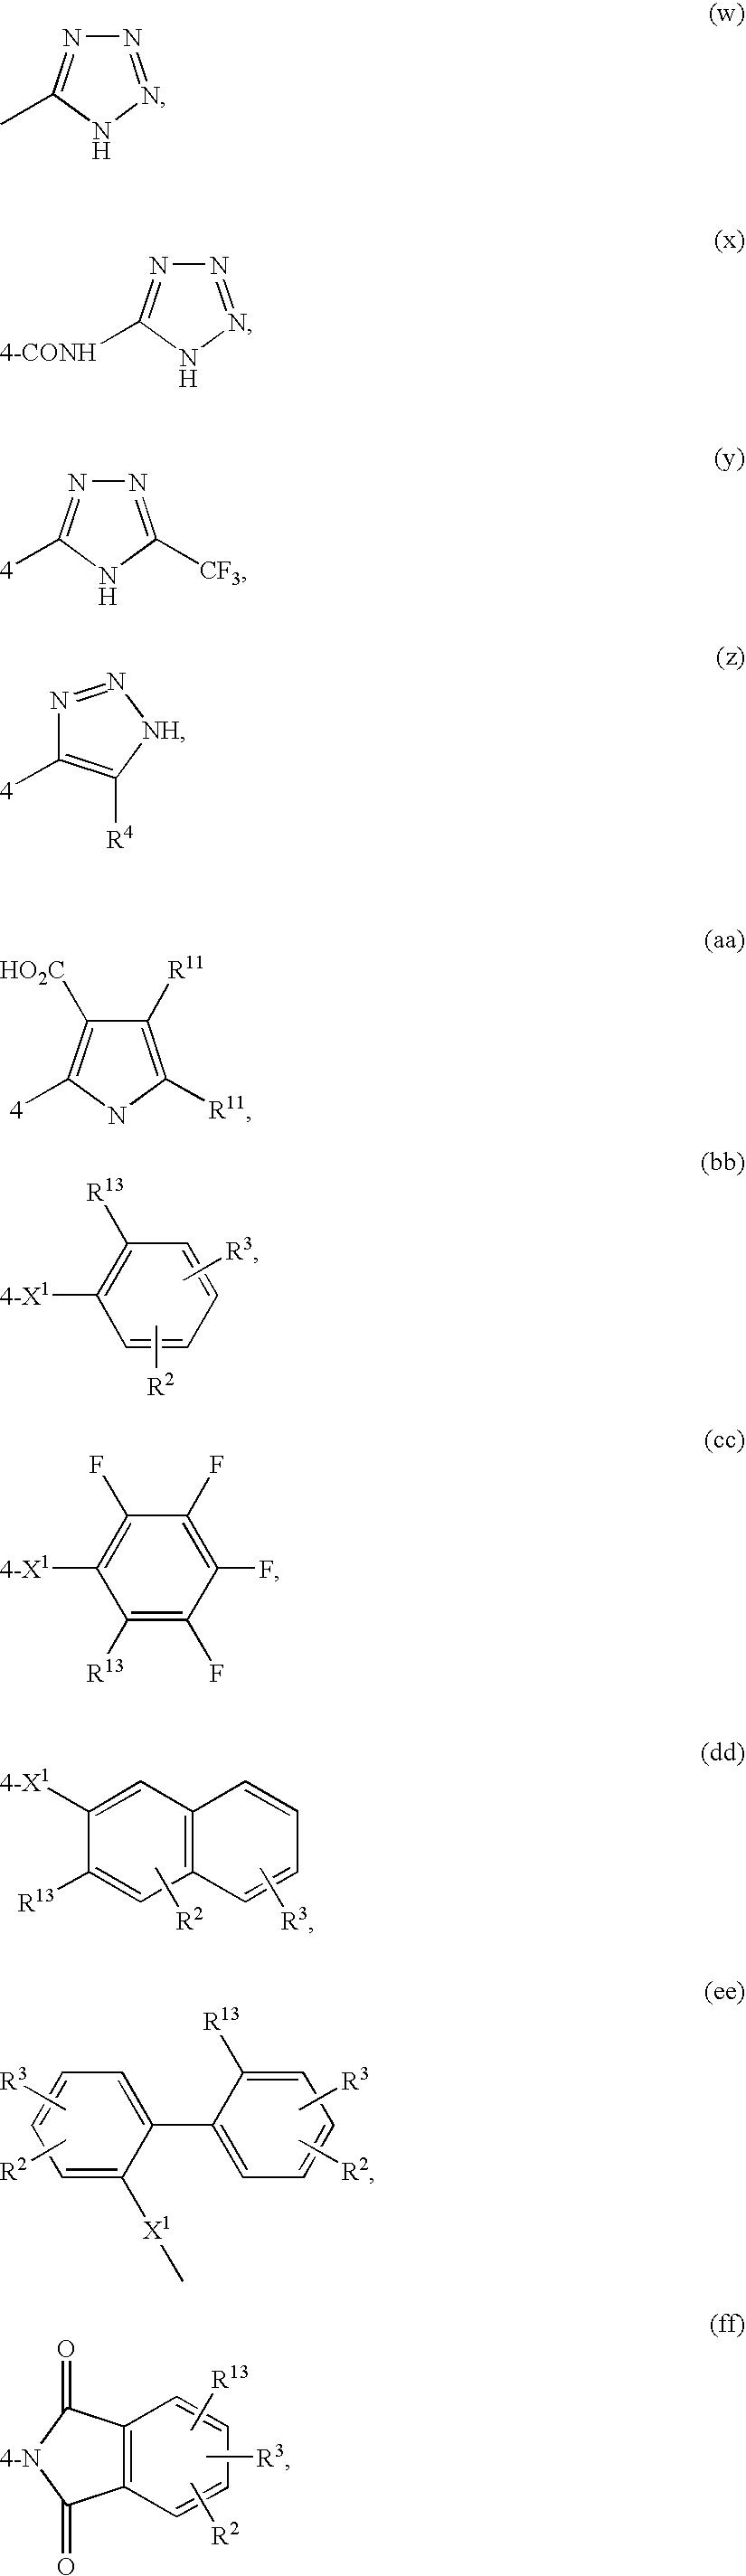 Figure US07828840-20101109-C00025